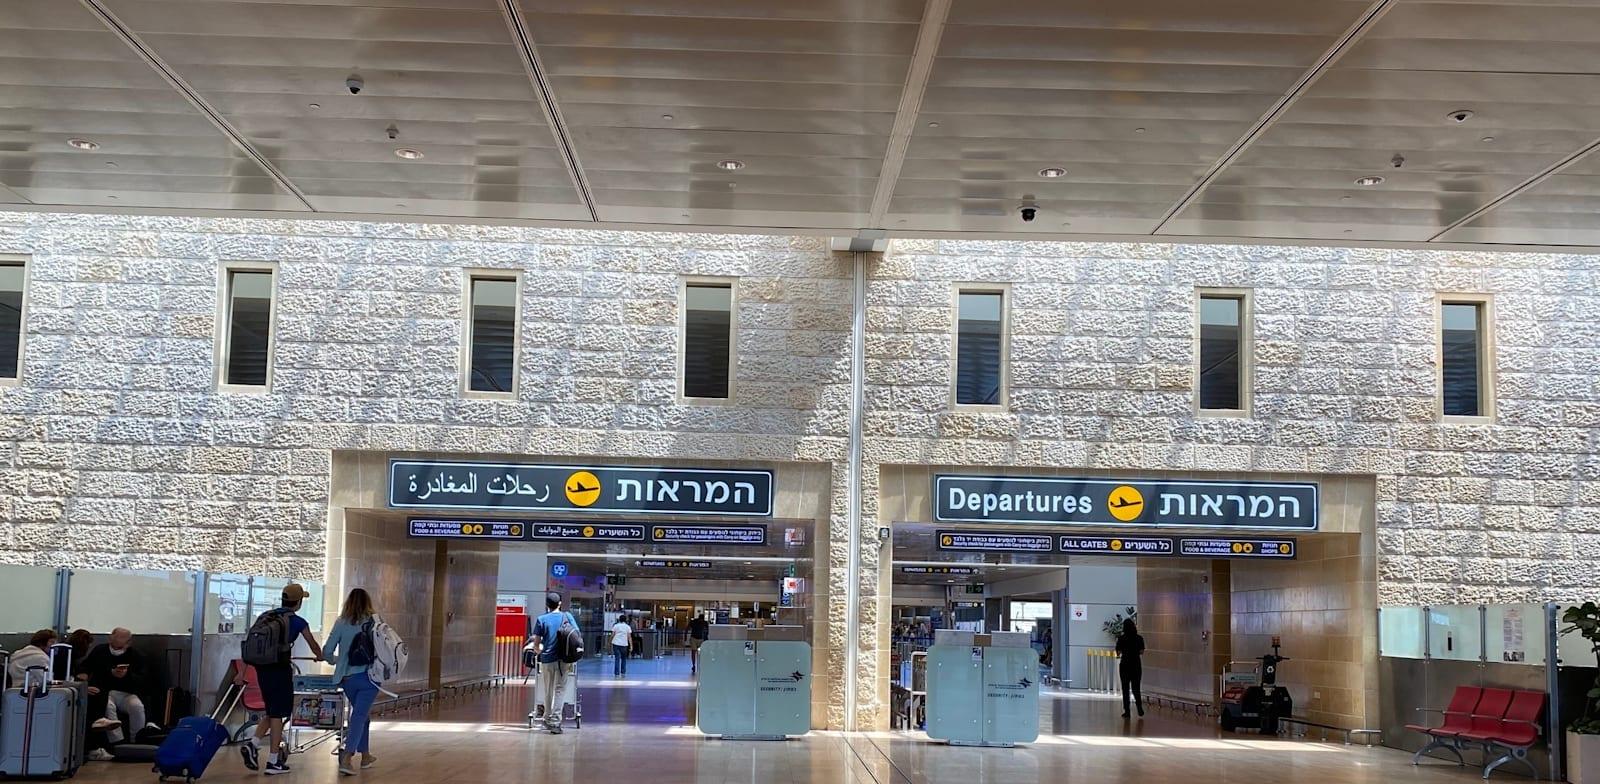 """נמל התעופה בן גוריון. ''״התחושה שלנו היא שמוצעים מתווים בכאילו"""" / צילום: מיכל רז-חיימוביץ'"""